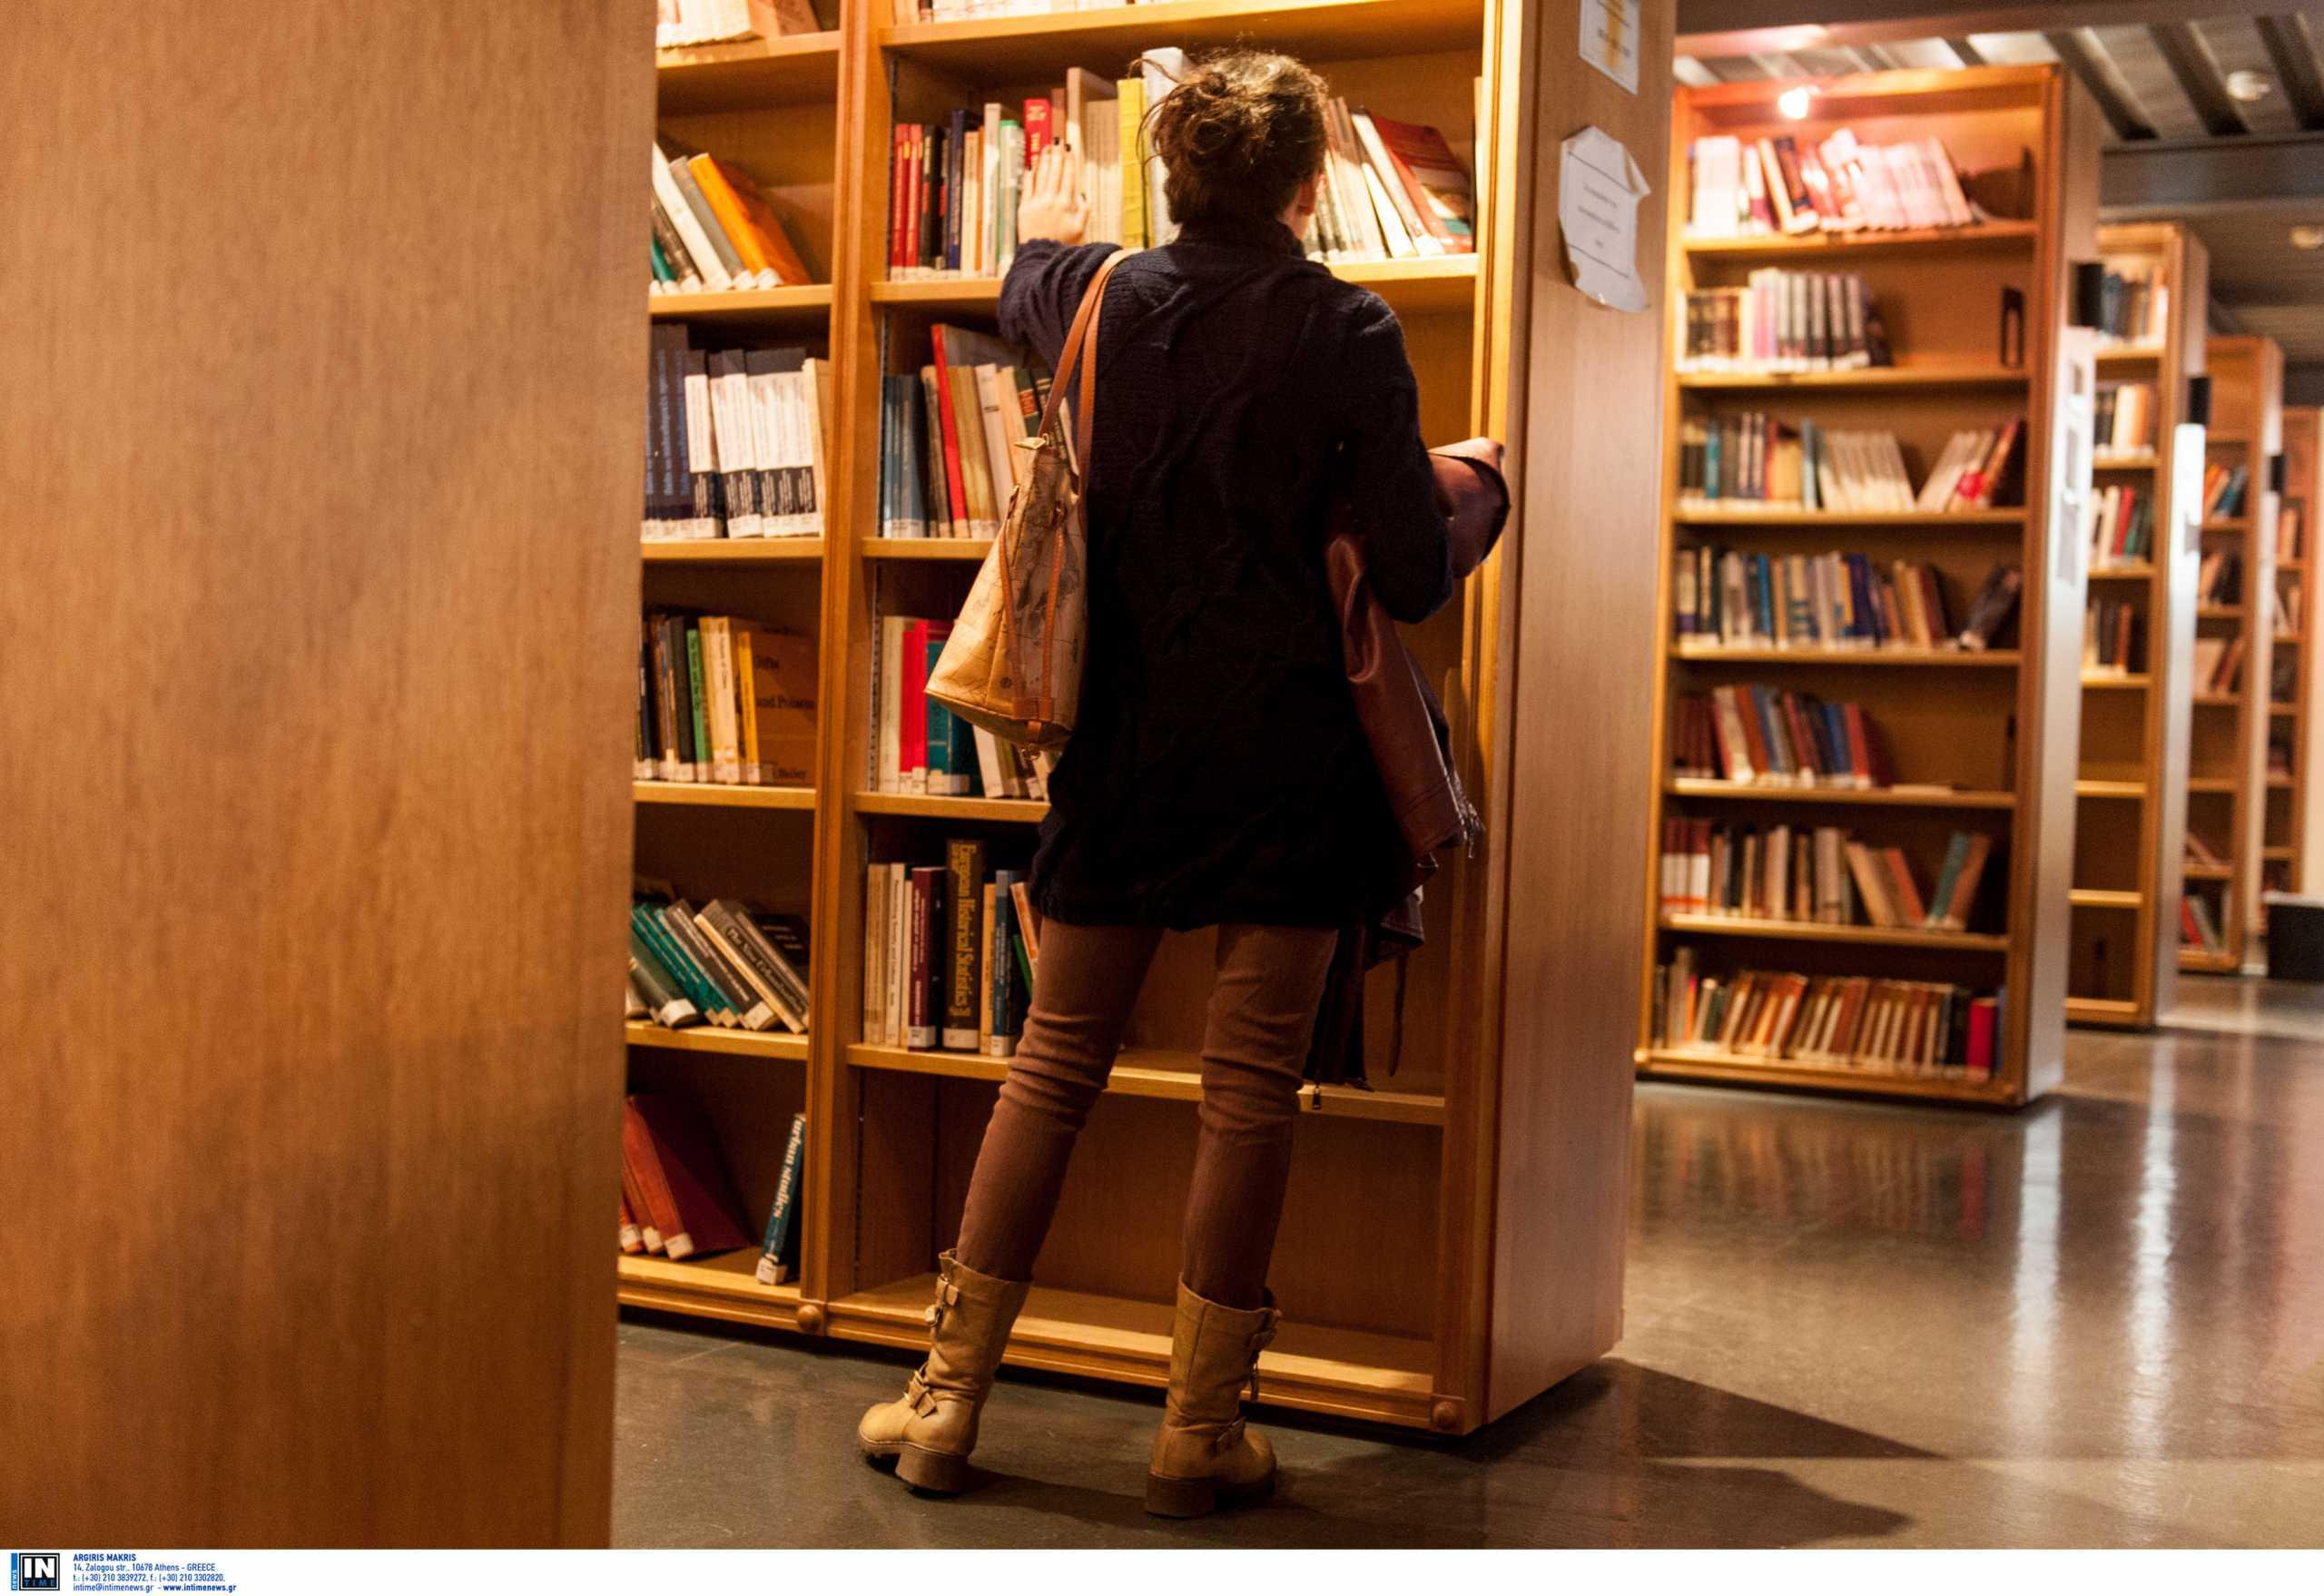 Πανεπιστήμιο Πατρών: Χαμός για το πρόστιμο των 300 ευρώ σε φοιτητή – Η αντίδραση του Πρύτανη